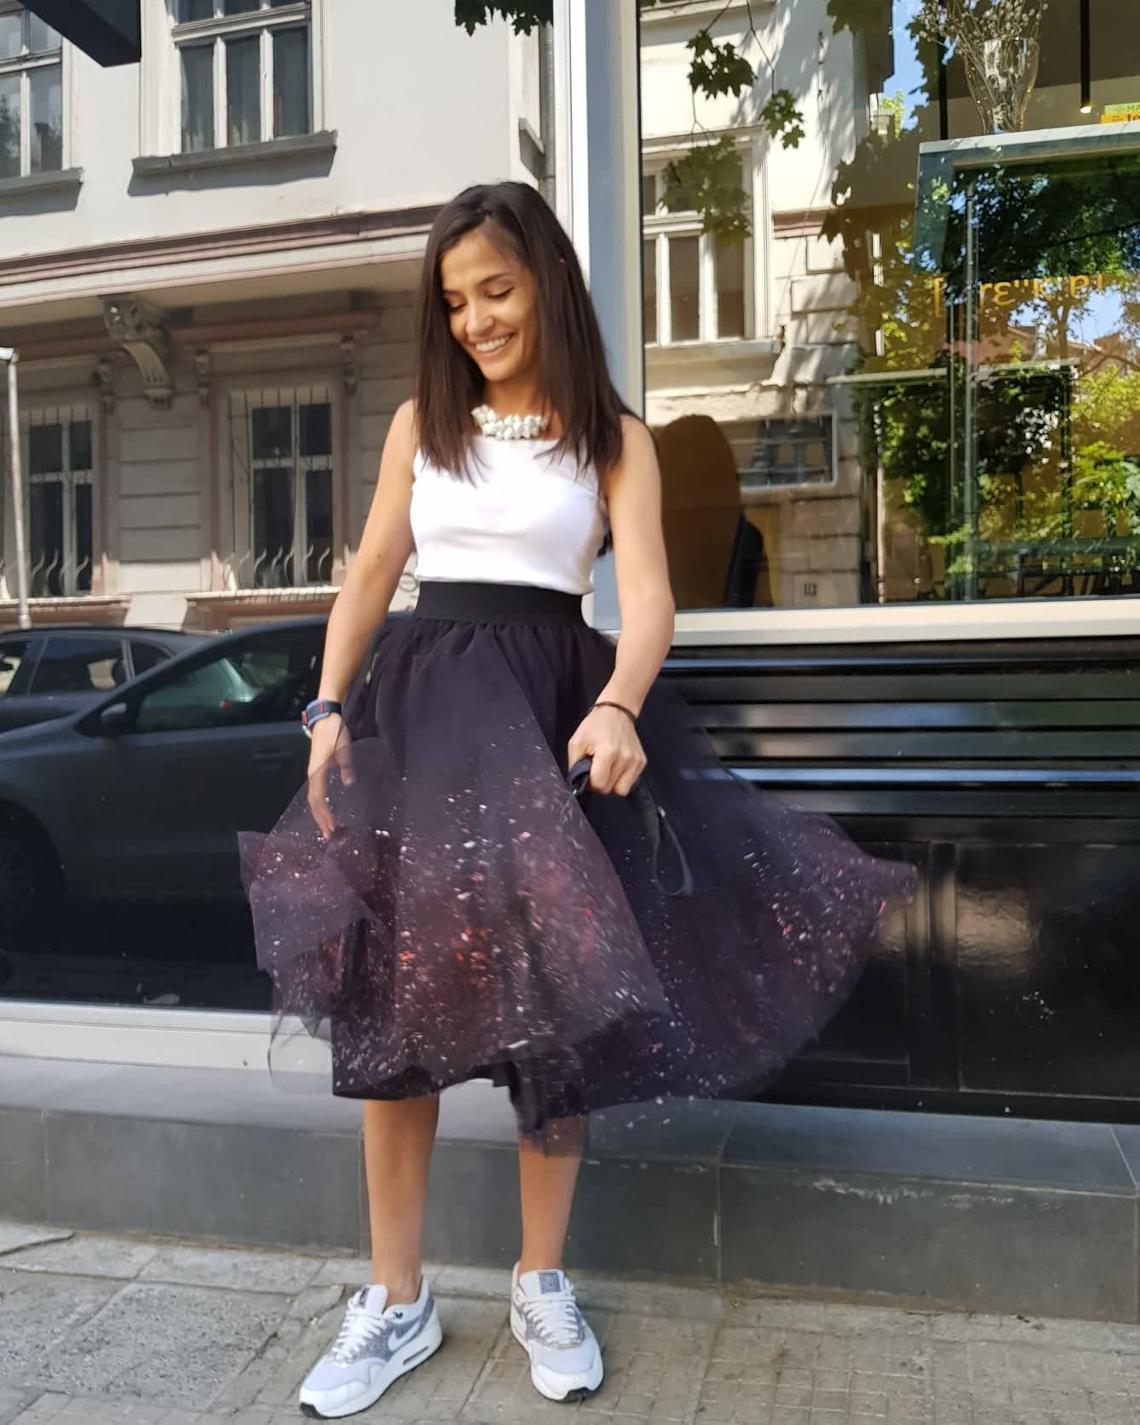 Black Cosmic Tulle Skirt / Party Sprayed Skirt / Wedding Sprayed Skirt / Bridesmaid Sprayed Skirt